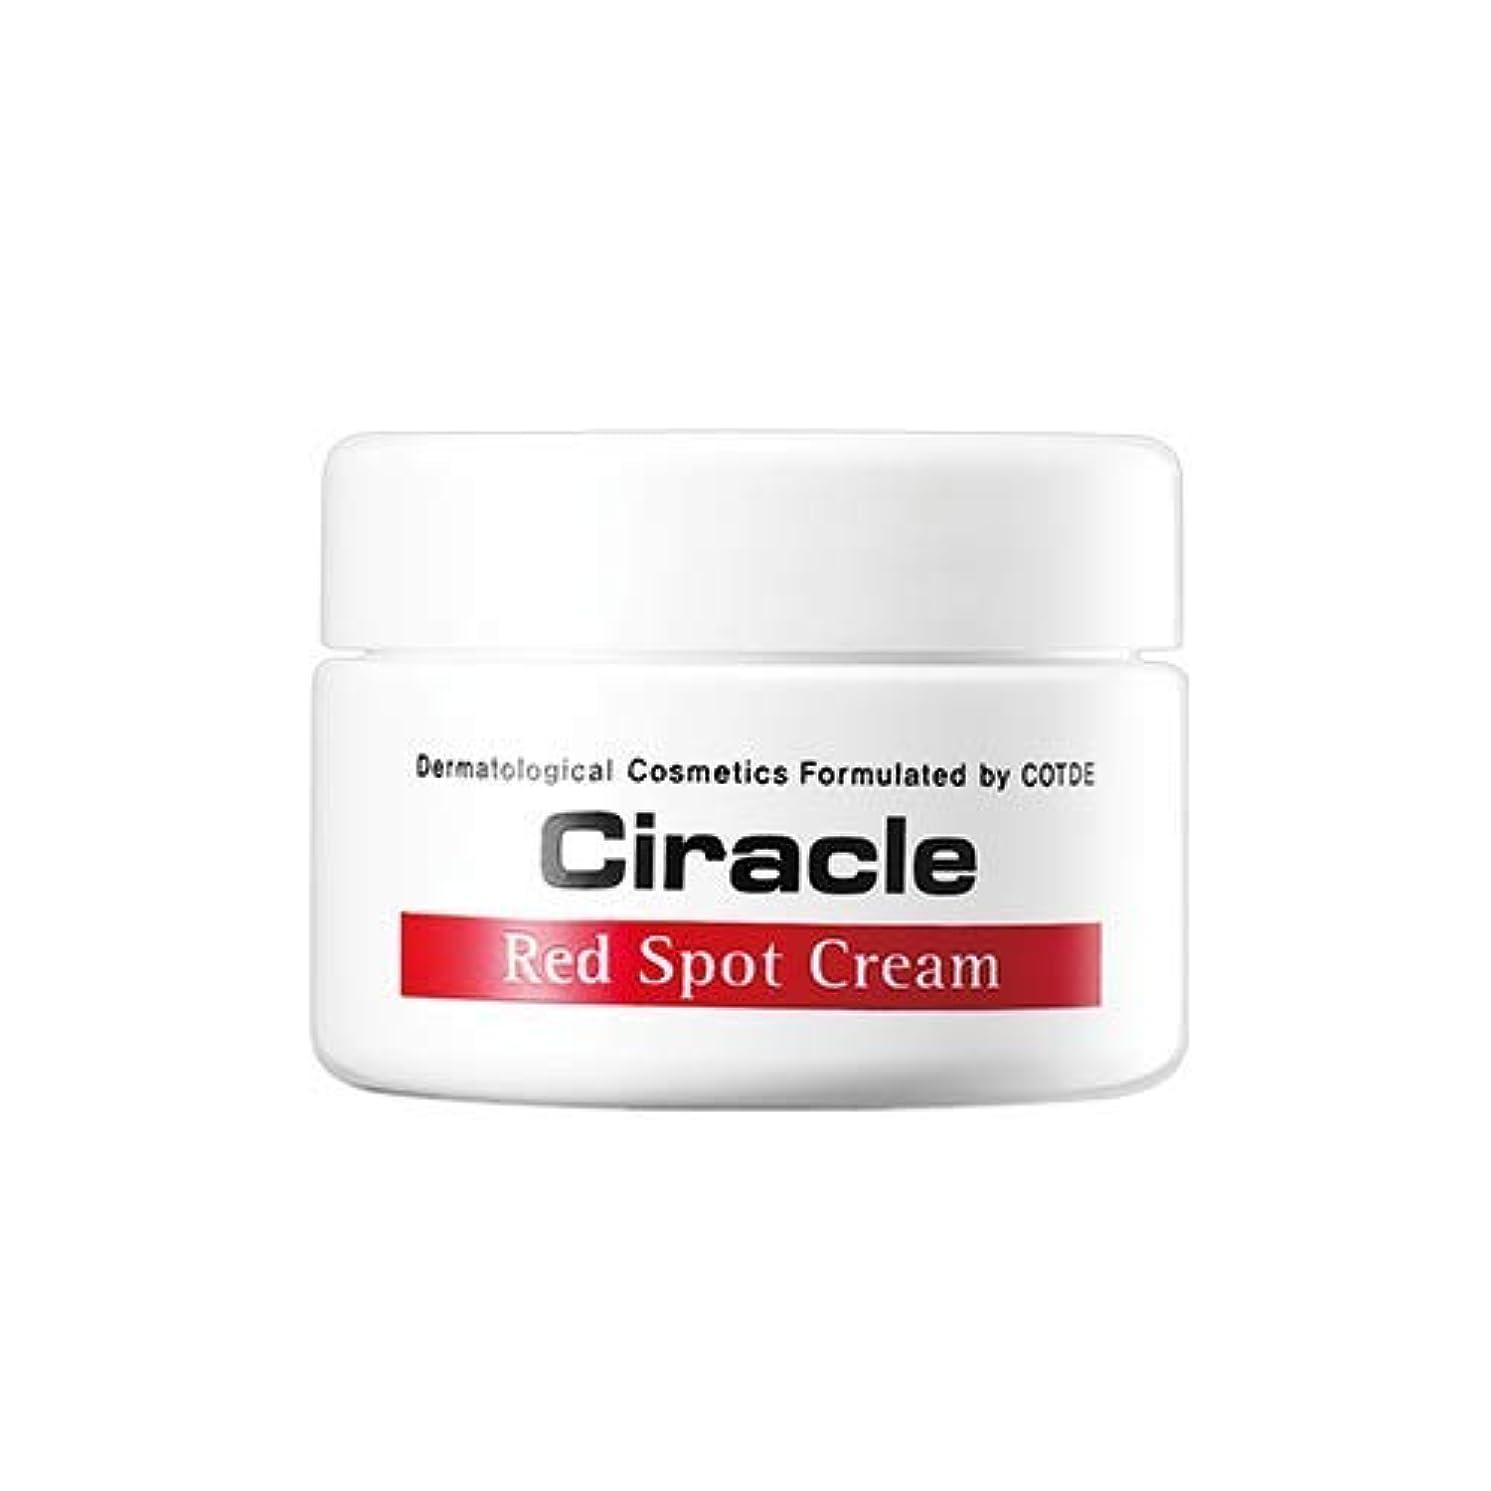 マーガレットミッチェル等々種Ciracle Red Spot Cream 30ml Trouble Skin Beauty Product by Skin Product [並行輸入品]